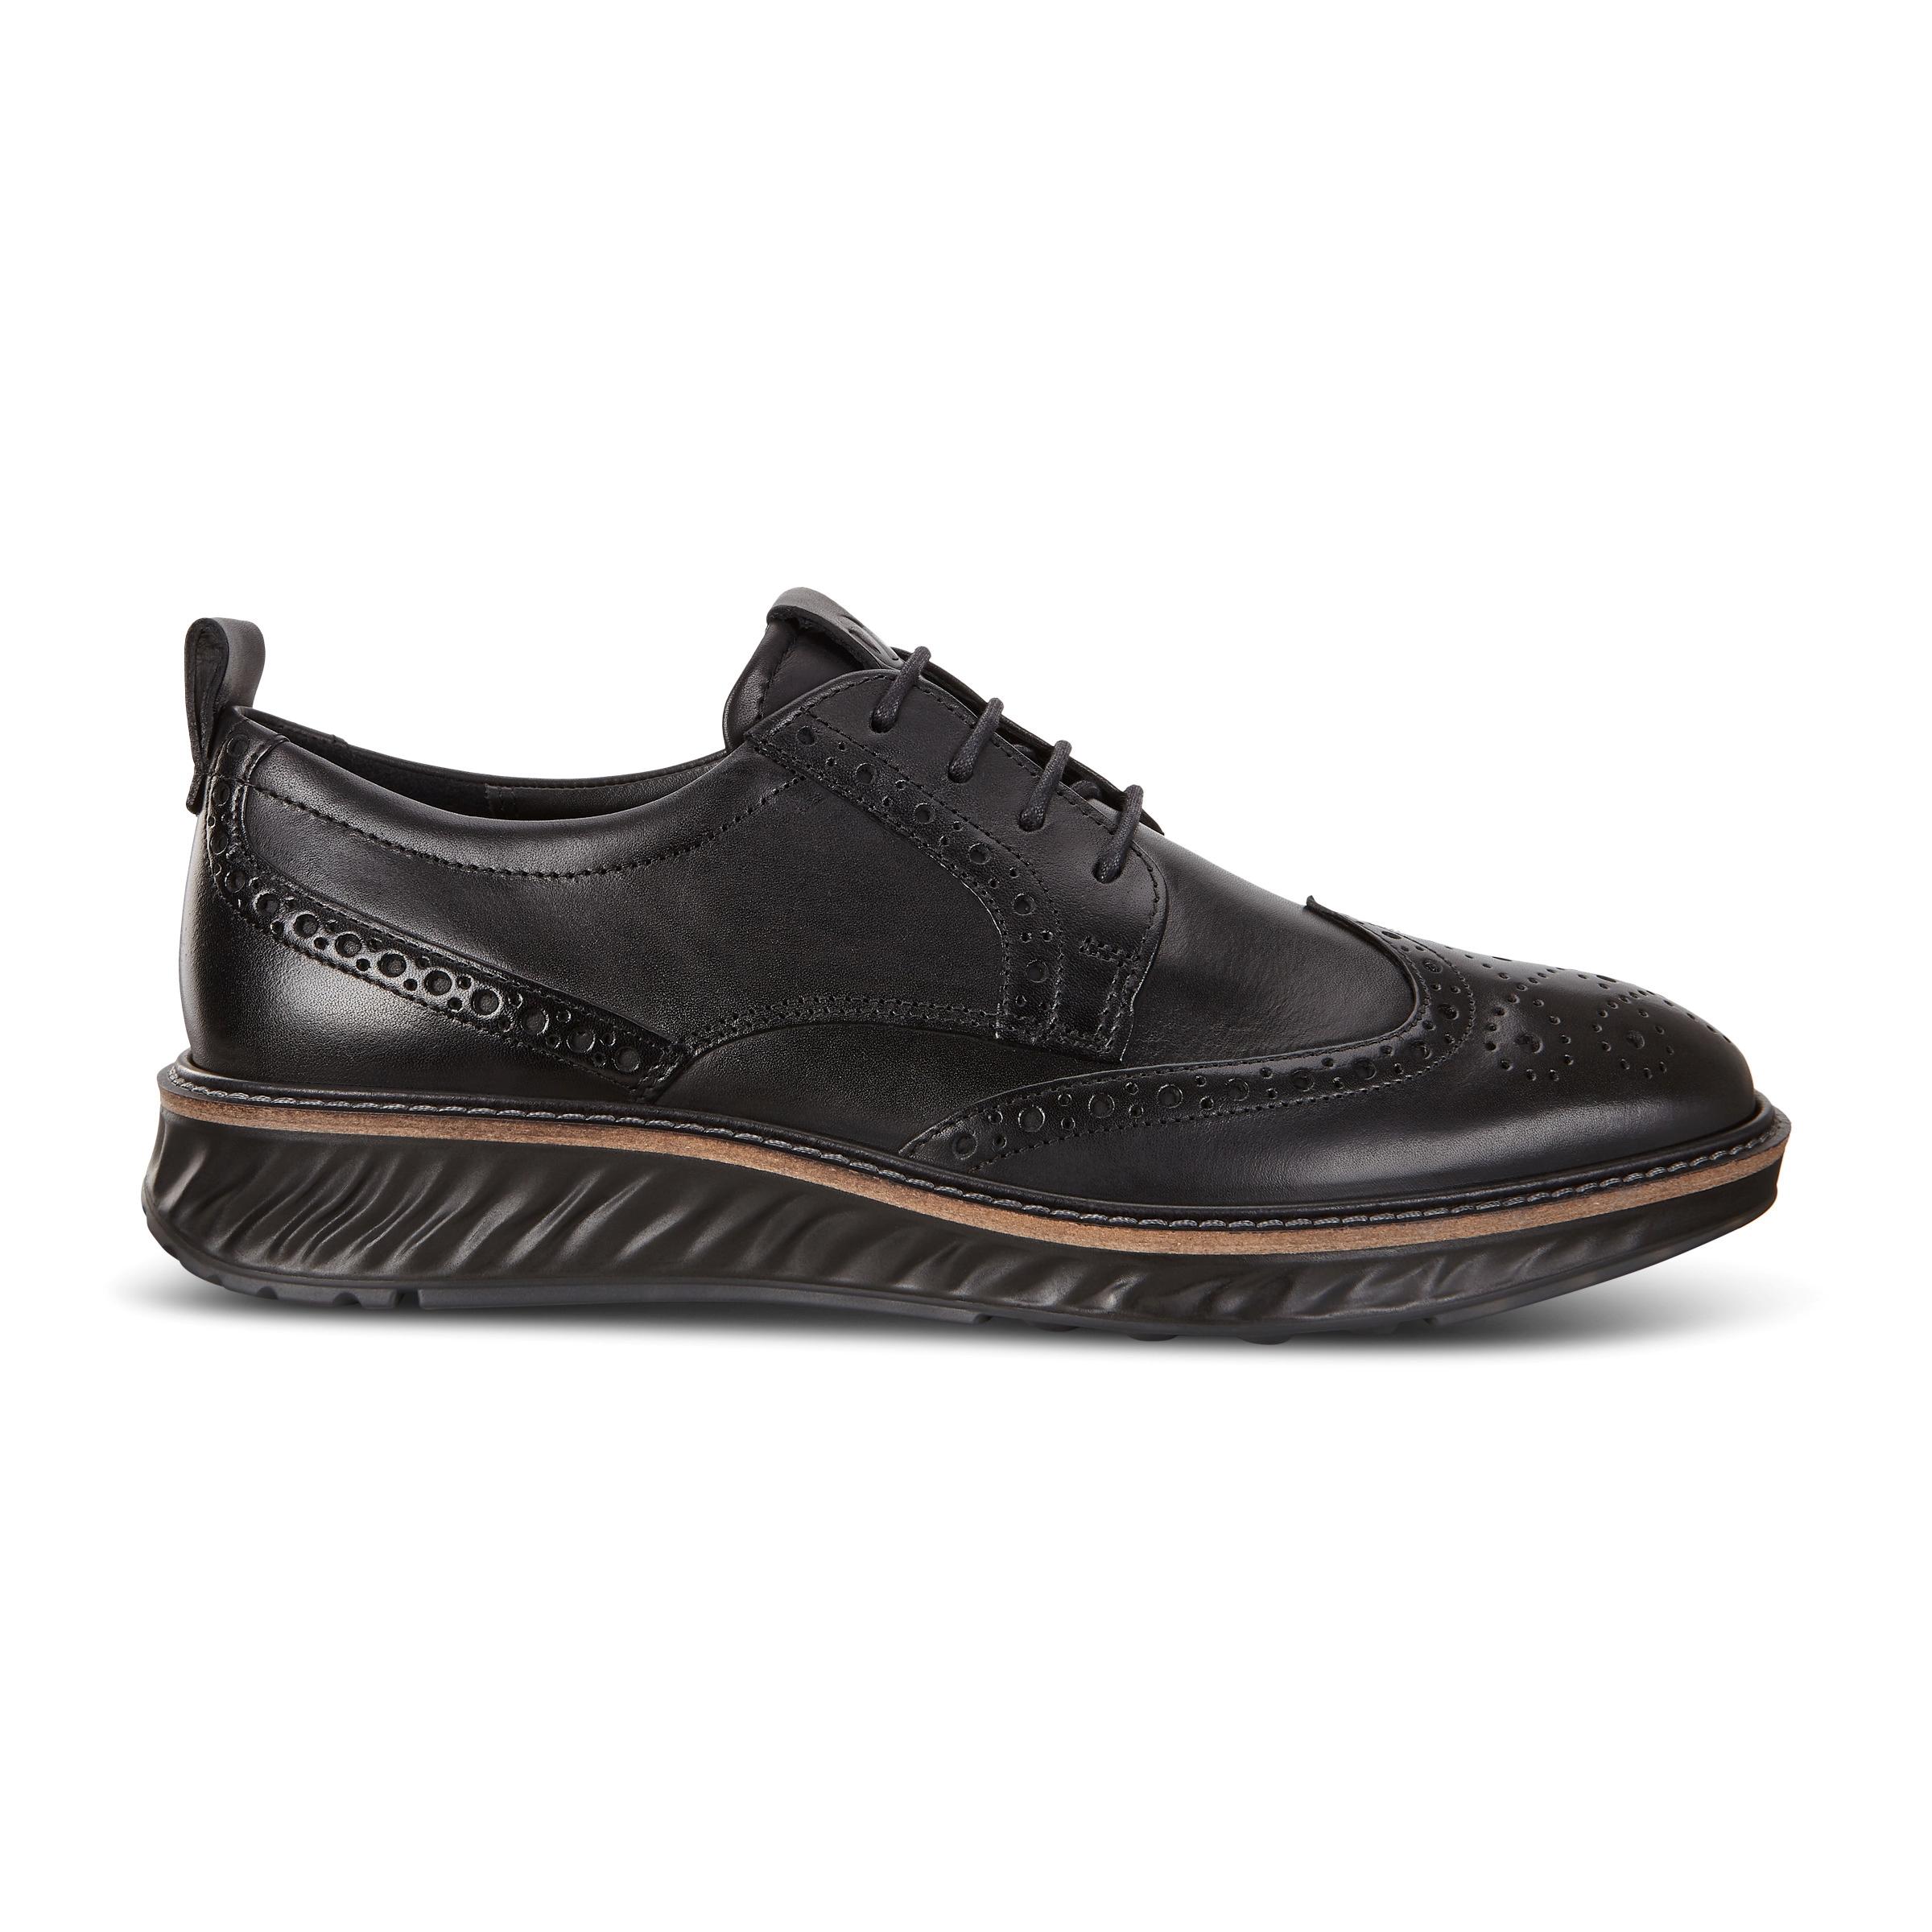 ecco højhælede støvler, Mnds Ecco ldersko DK 017,ecco